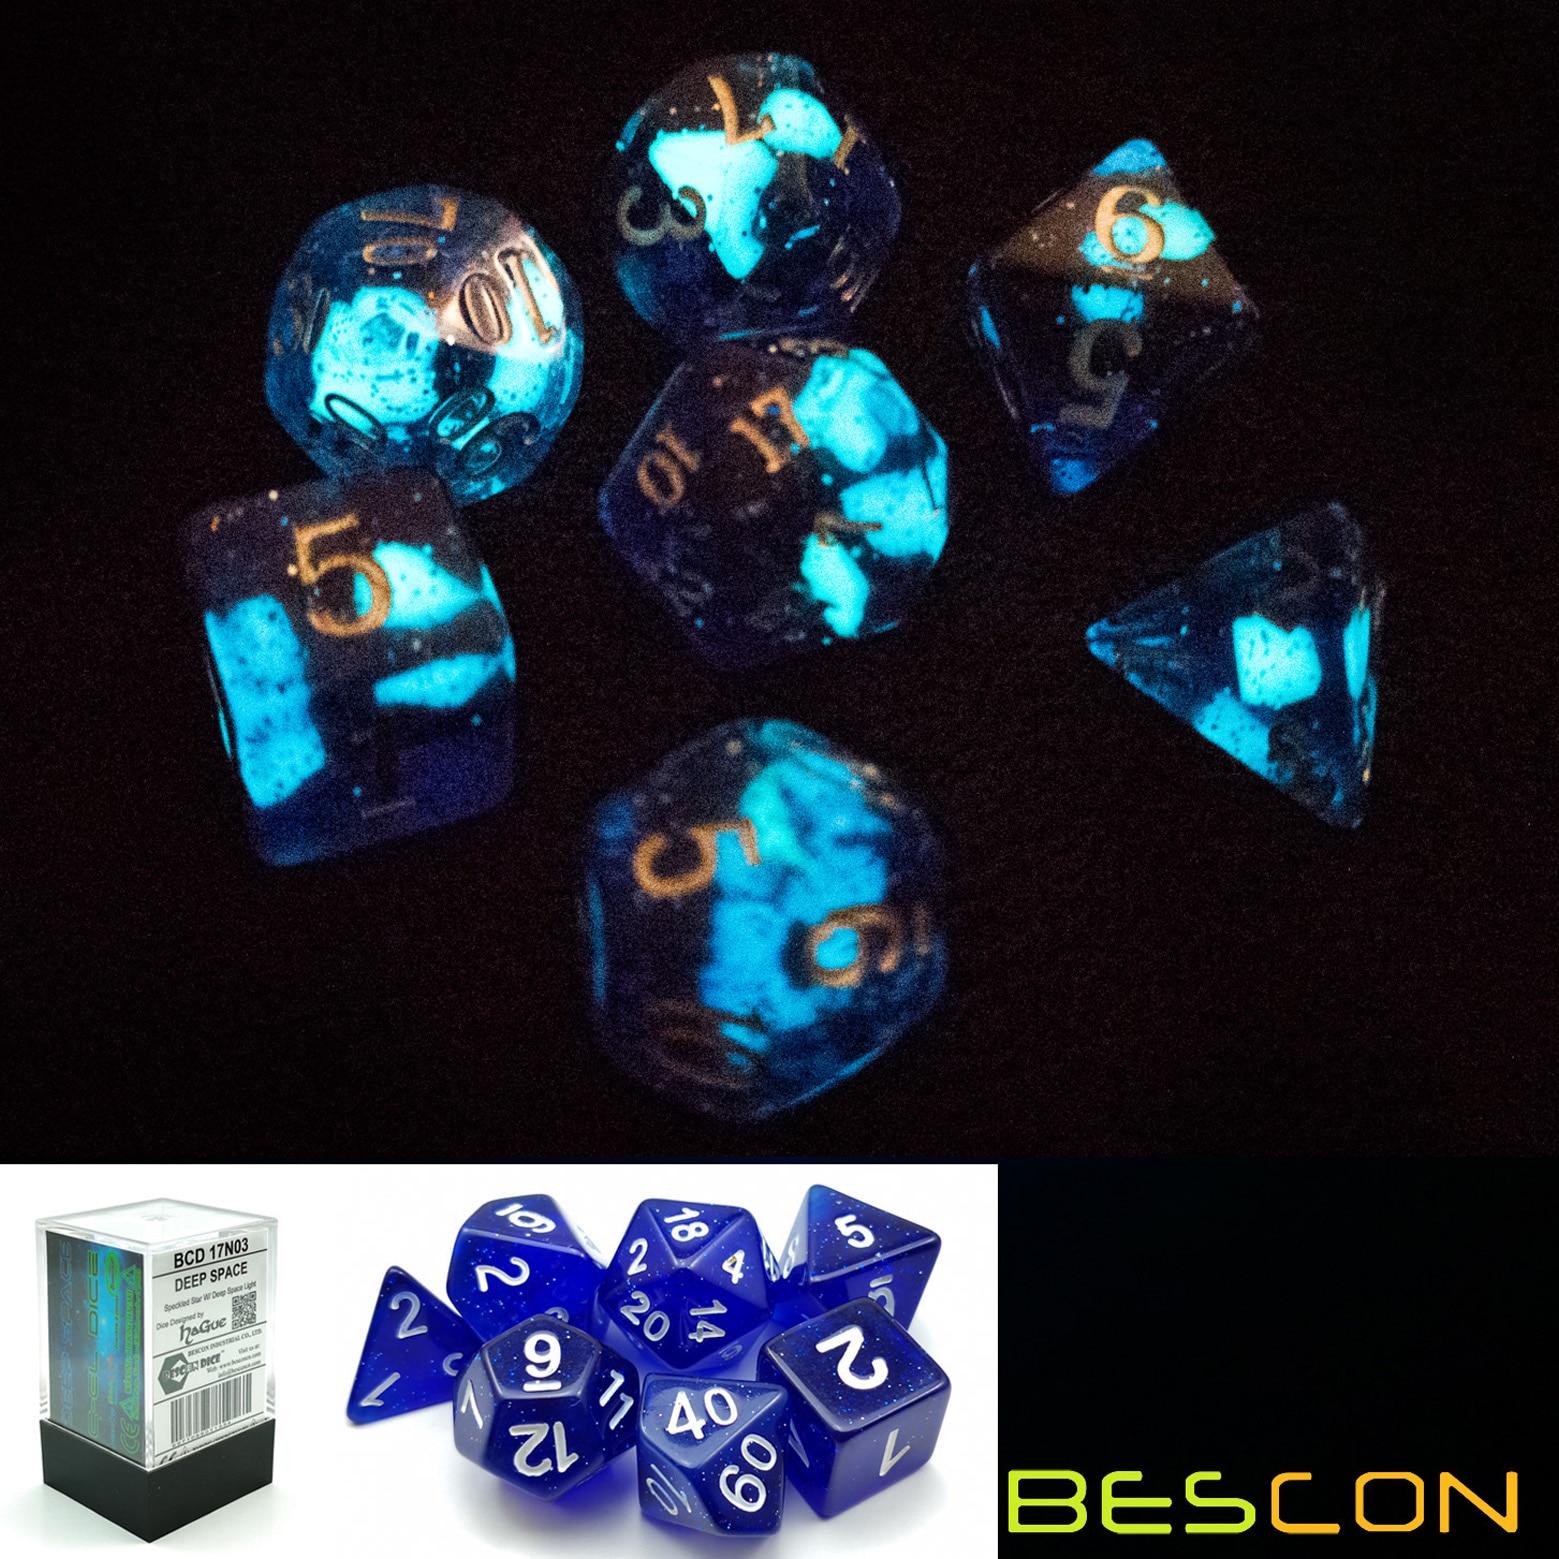 Bescon スーパーダークグリッター多面体サイコロセット深宇宙、発光 rpg サイコロセット、グローイングノベルティ dnd ゲームサイコロ